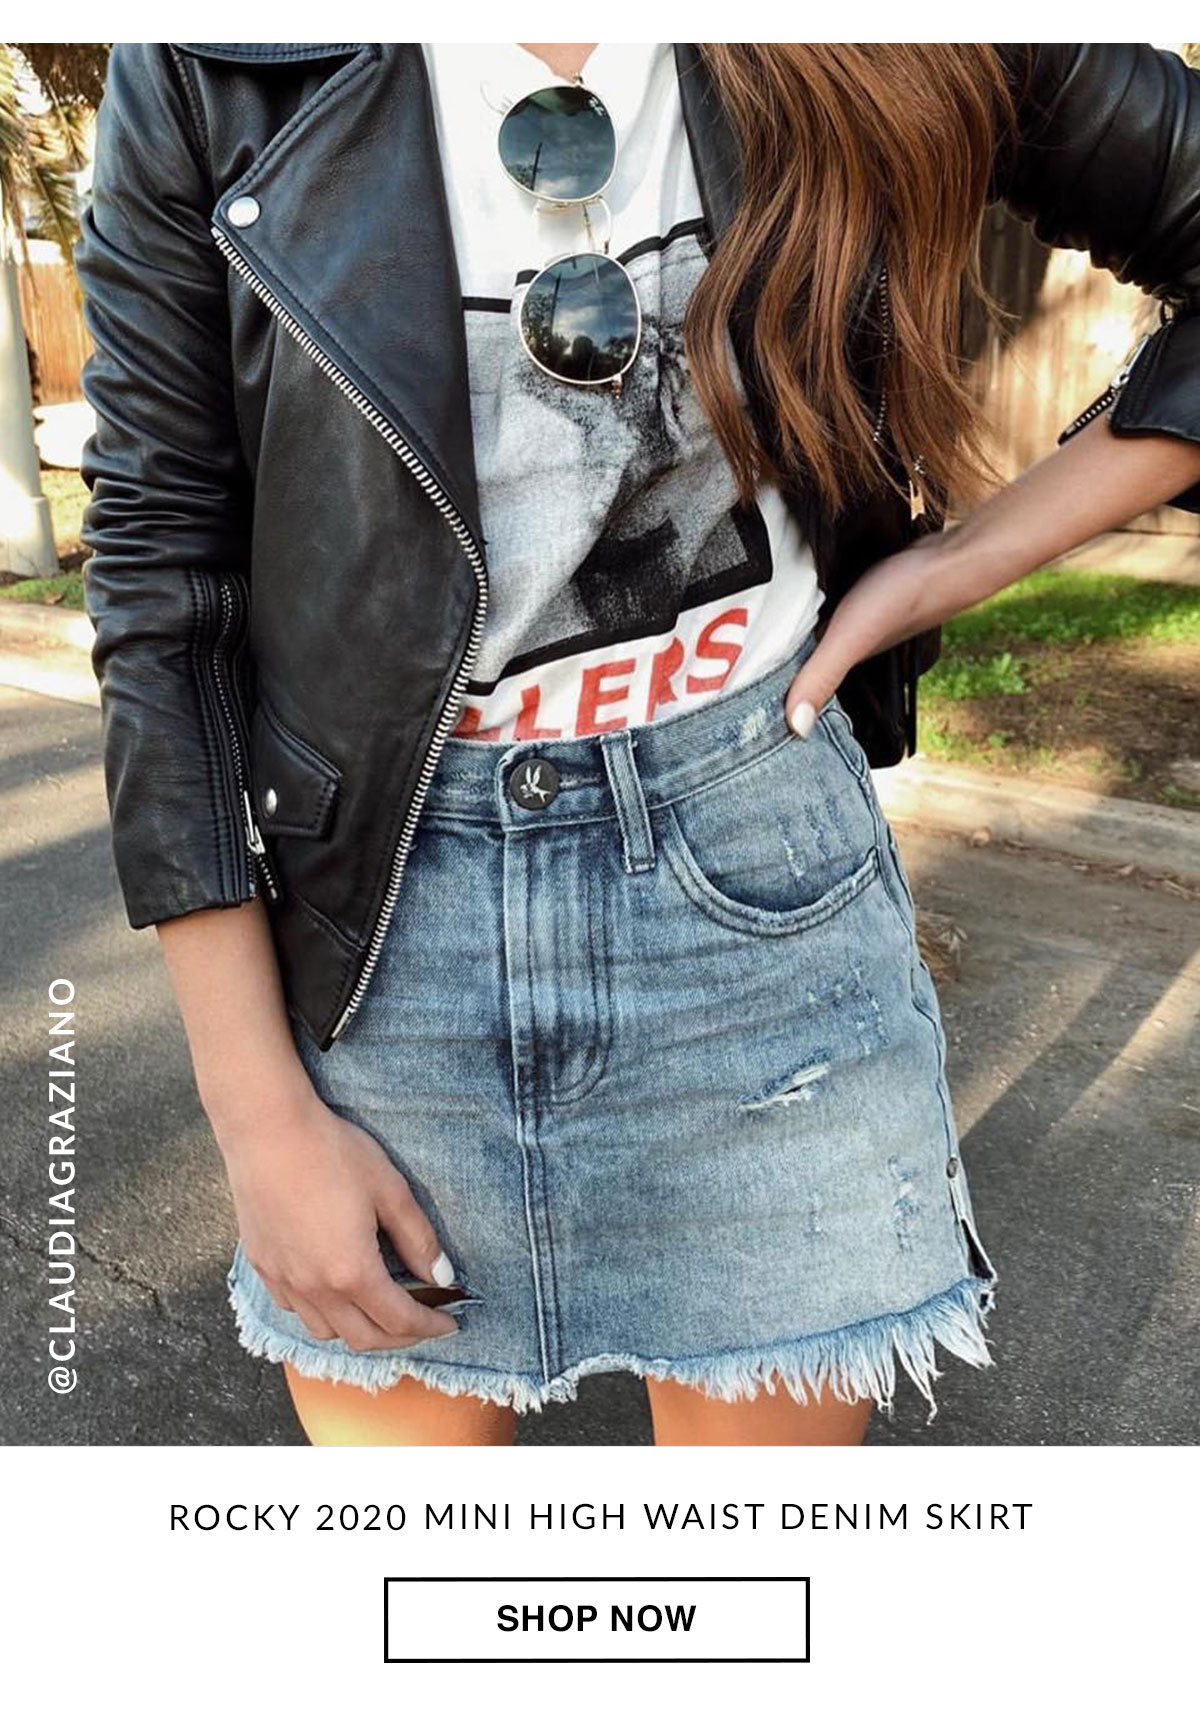 Rock 202 Mini High Waist Denim Skirt. Shop Now.